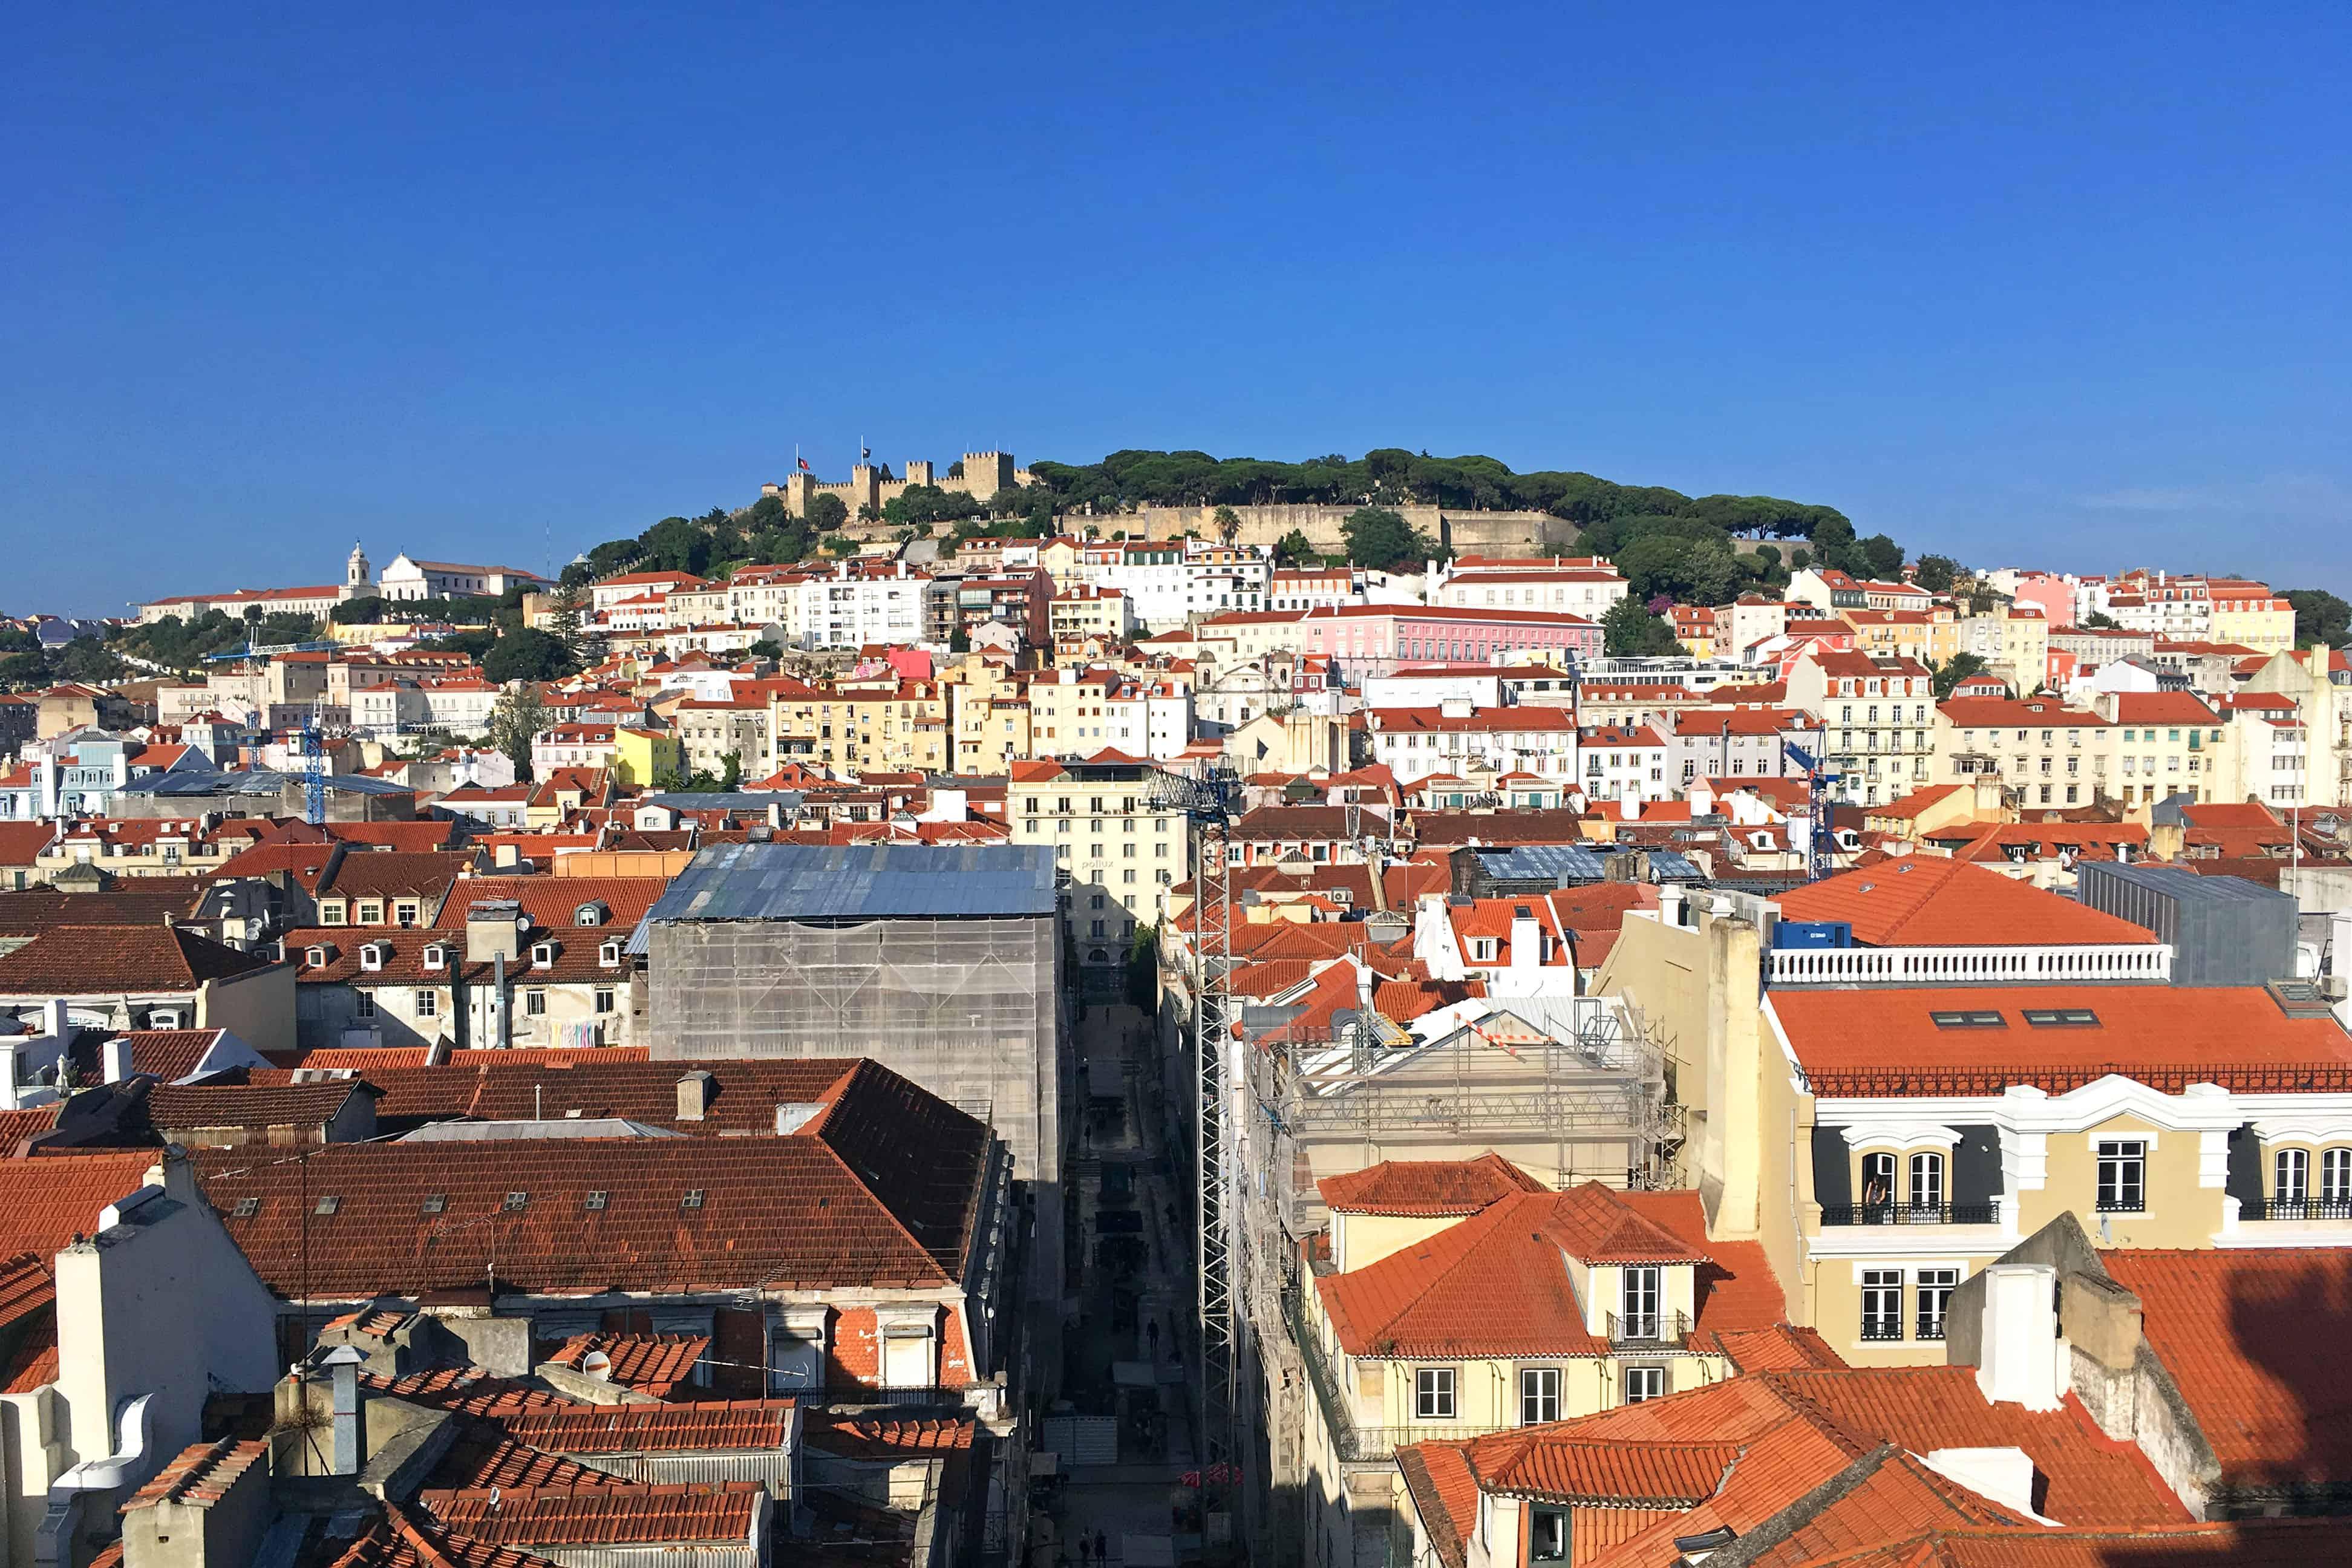 Castelo de São Jorge from Elevador de Santa Justa, Lisbon